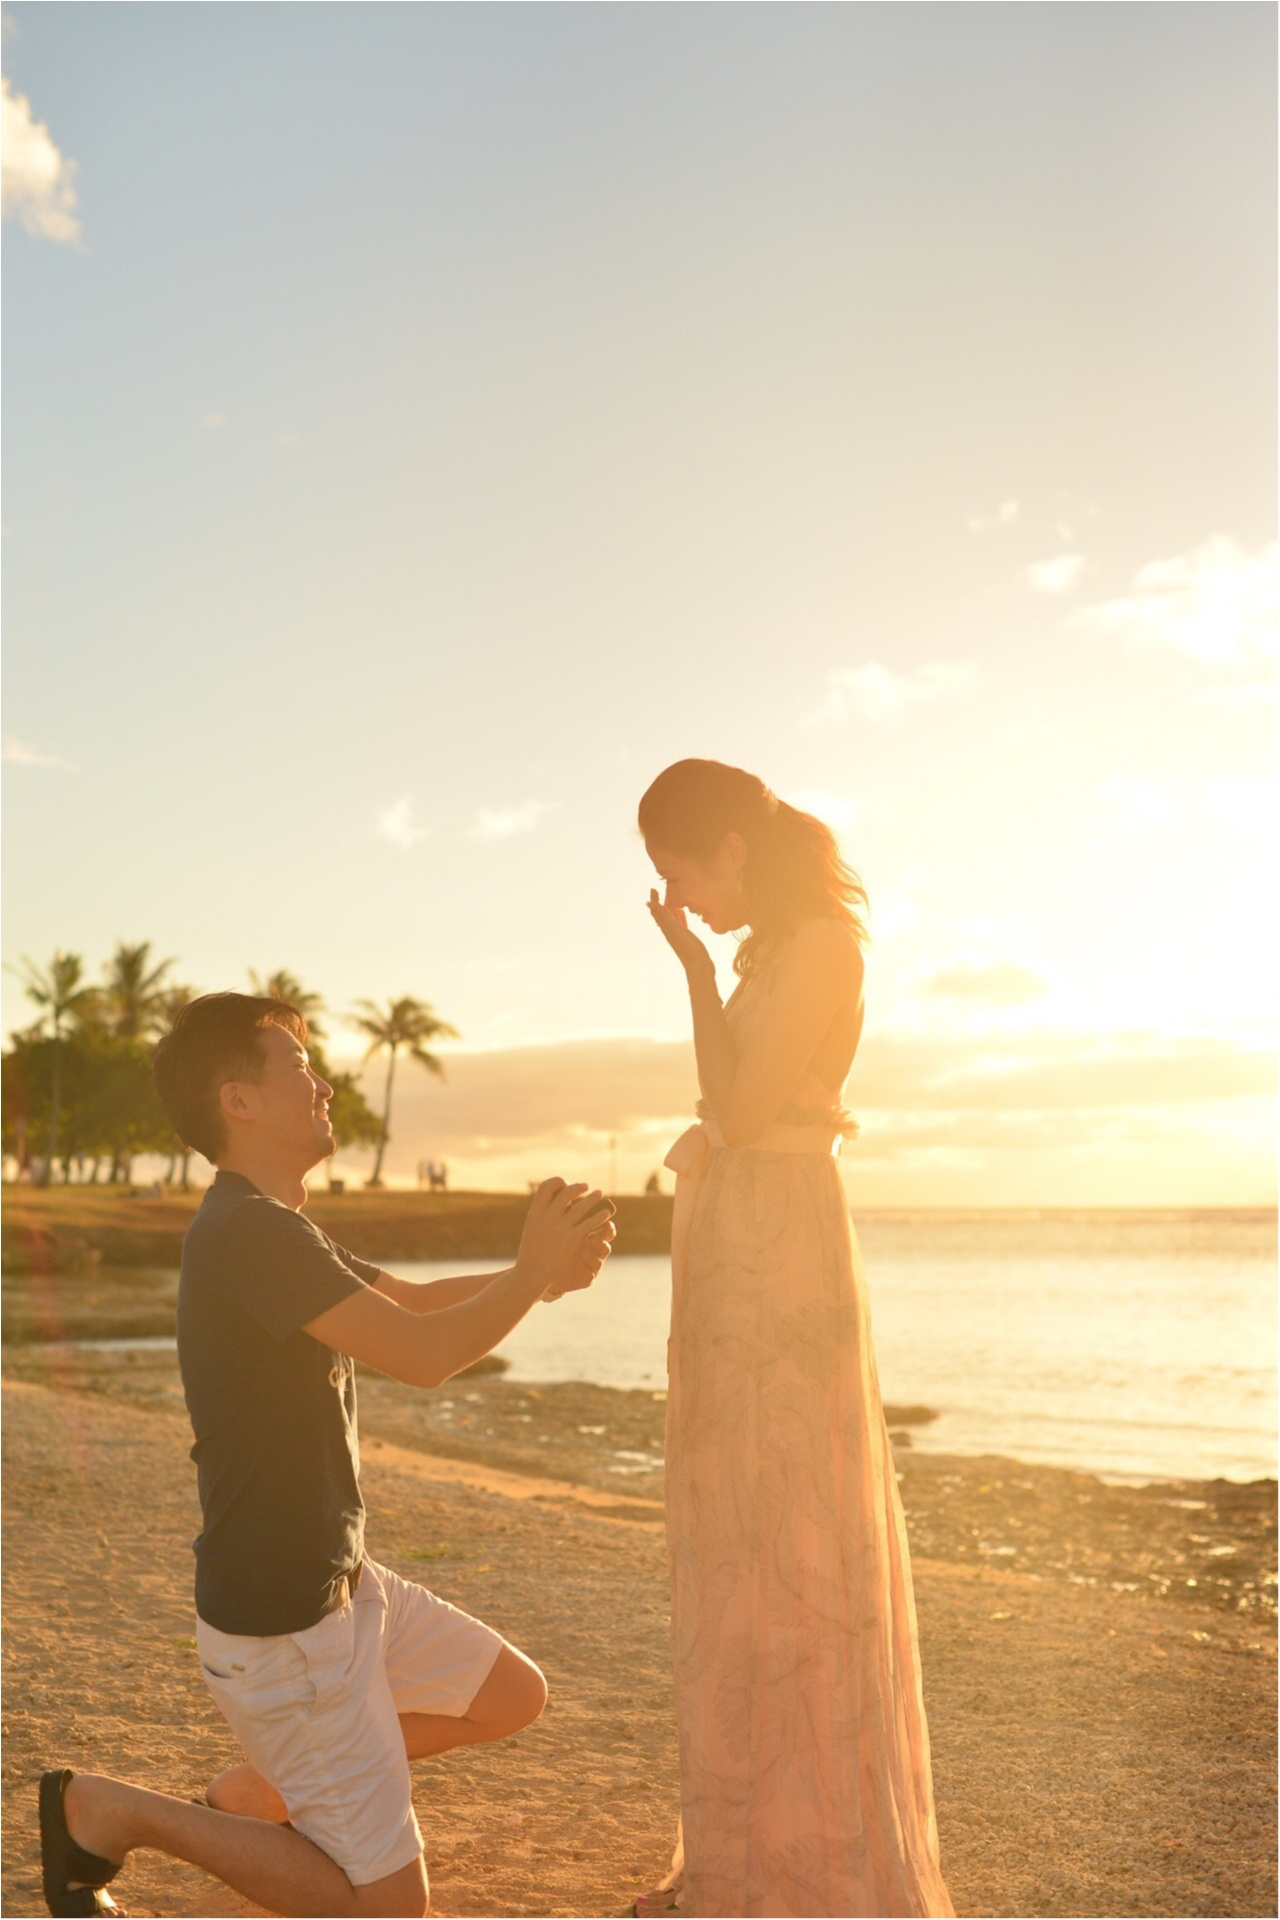 ハワイ旅行でサプライズプロポーズしてもらいました♡ _1